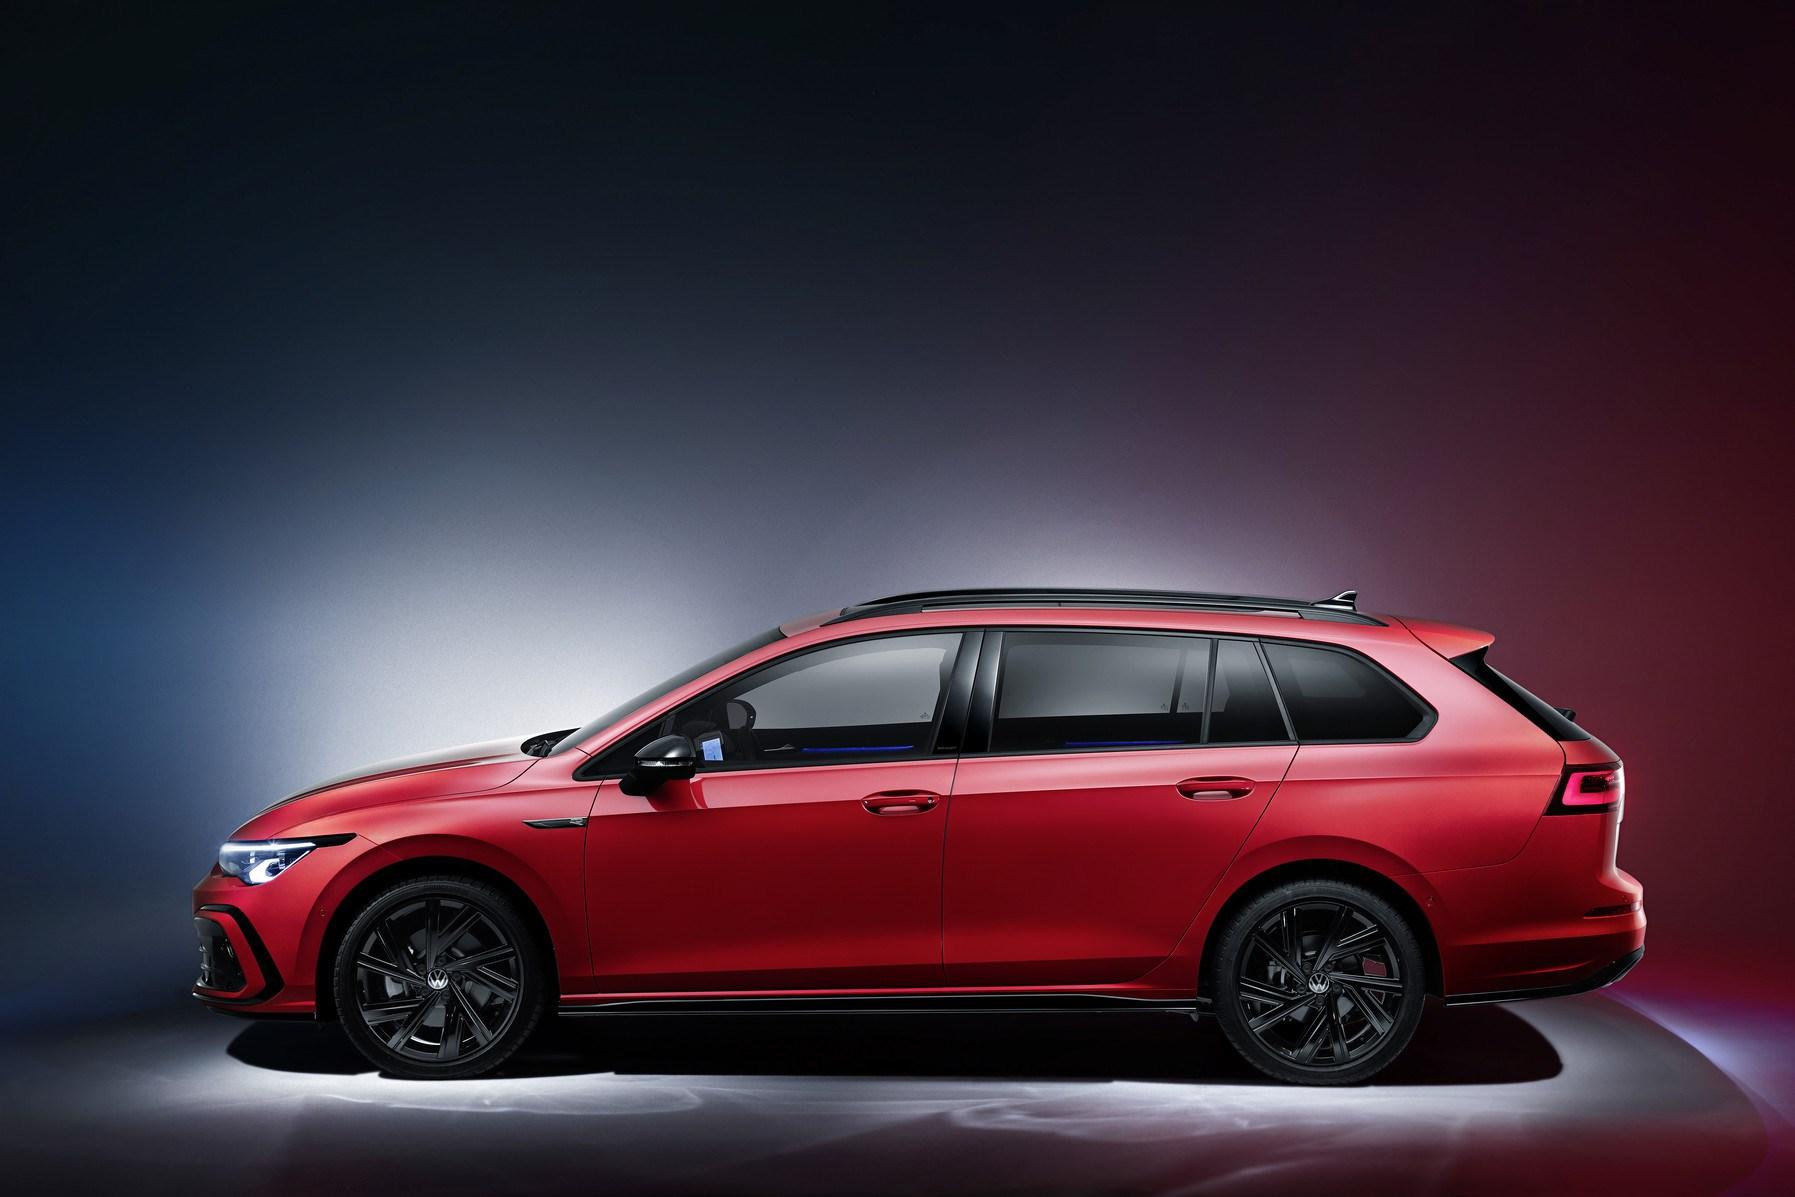 VWが新型ゴルフヴァリアントとオールトラックを発表。後席が広がり、スタイリッシュに